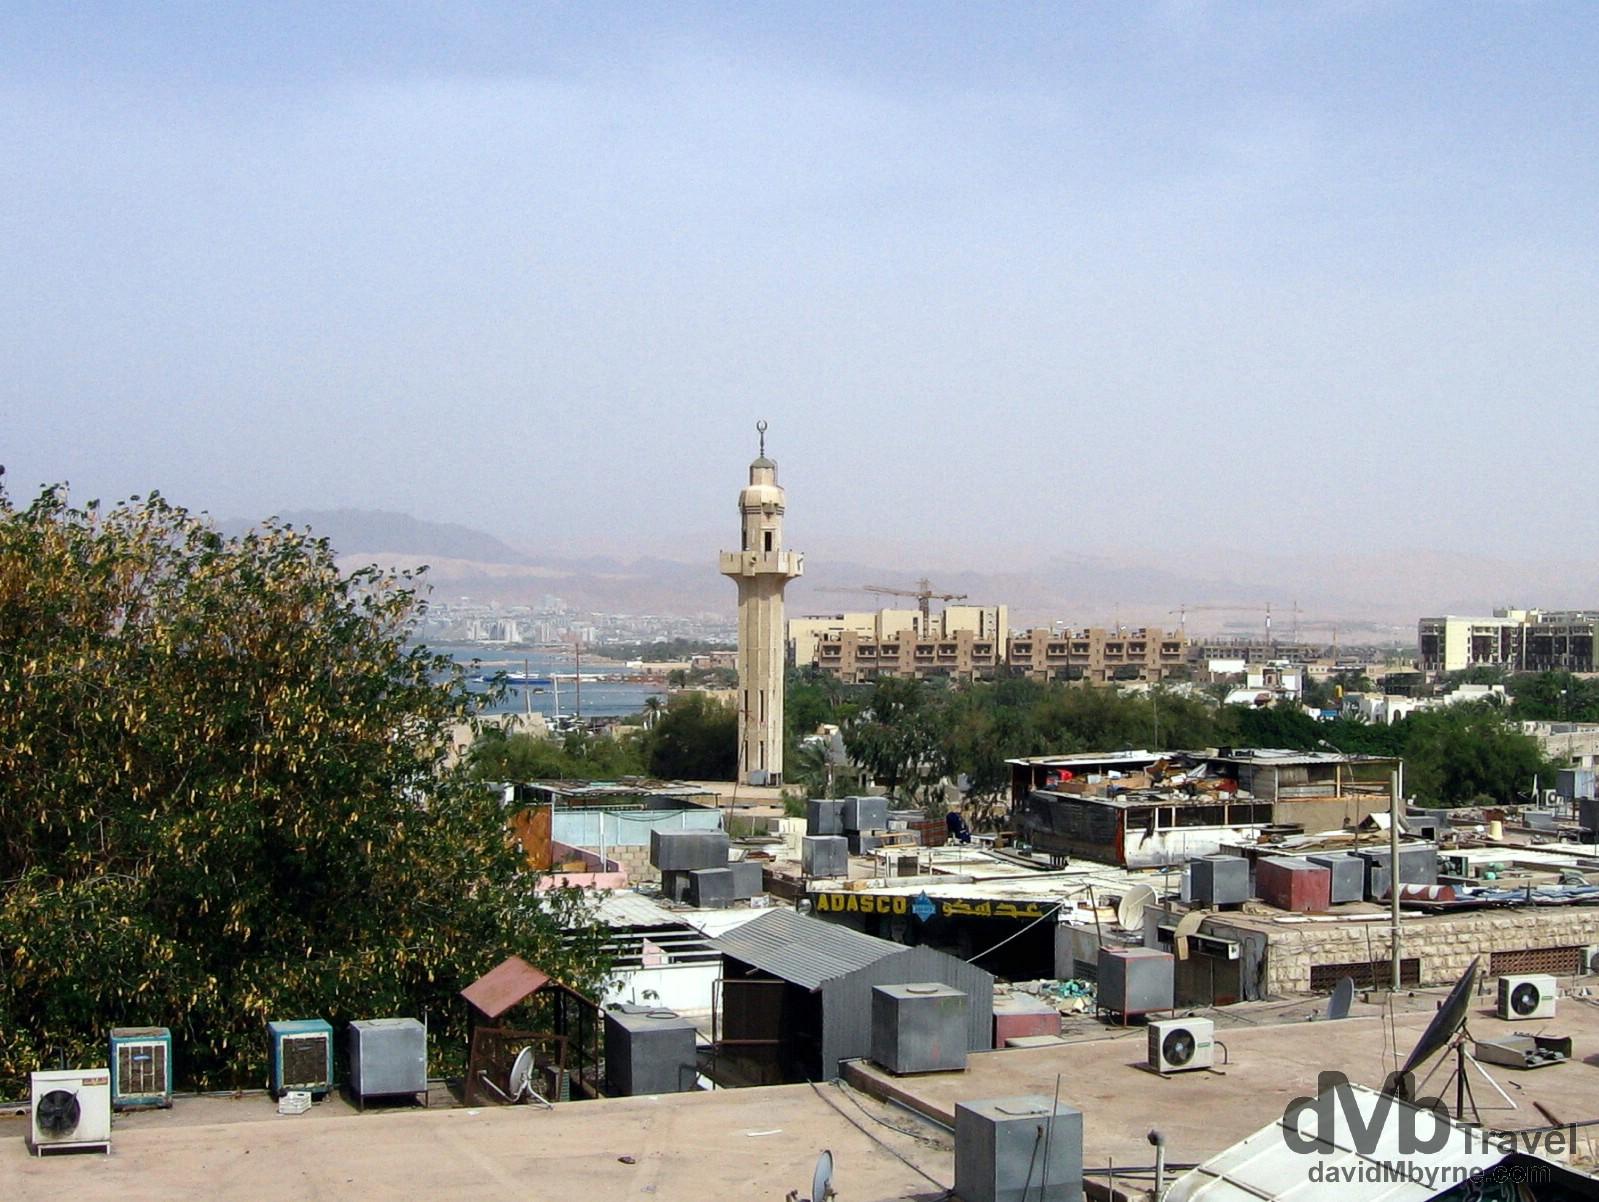 Aqaba, Jordan. April 25, 2008.